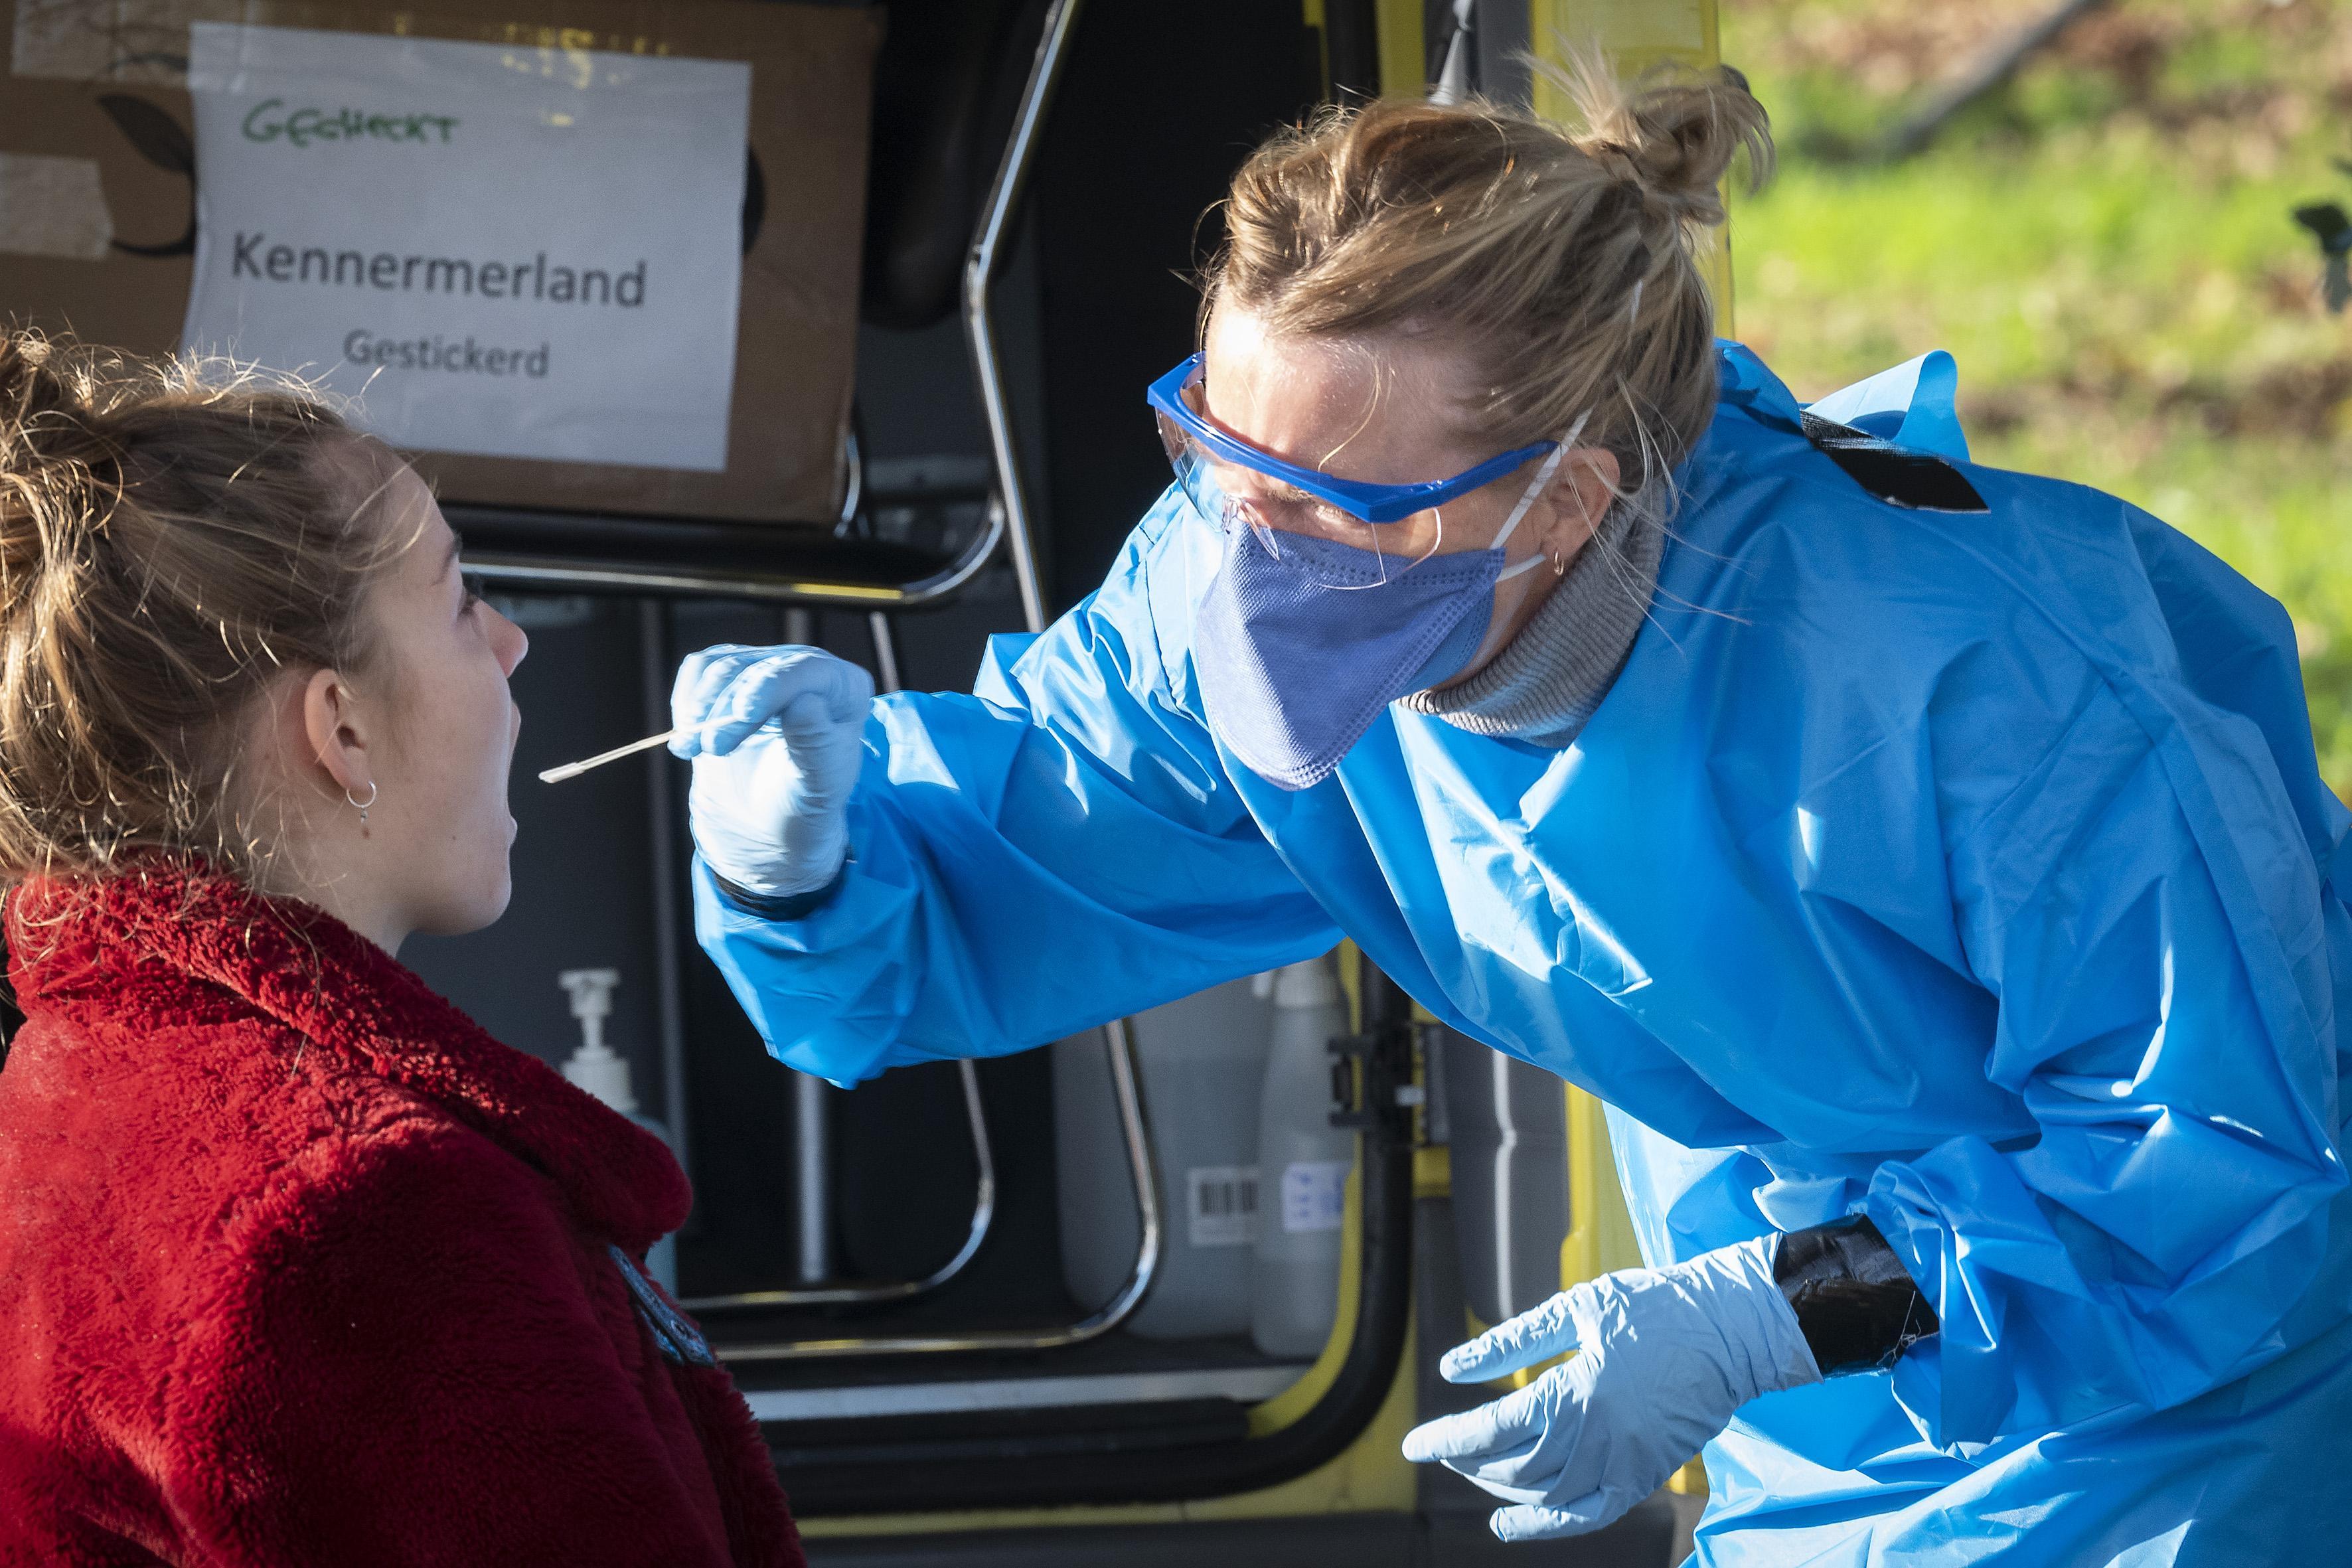 Coronacijfers donderdag: Over langere periode dalende trend zichtbaar in aantal besmettingen in Haarlem en omgeving